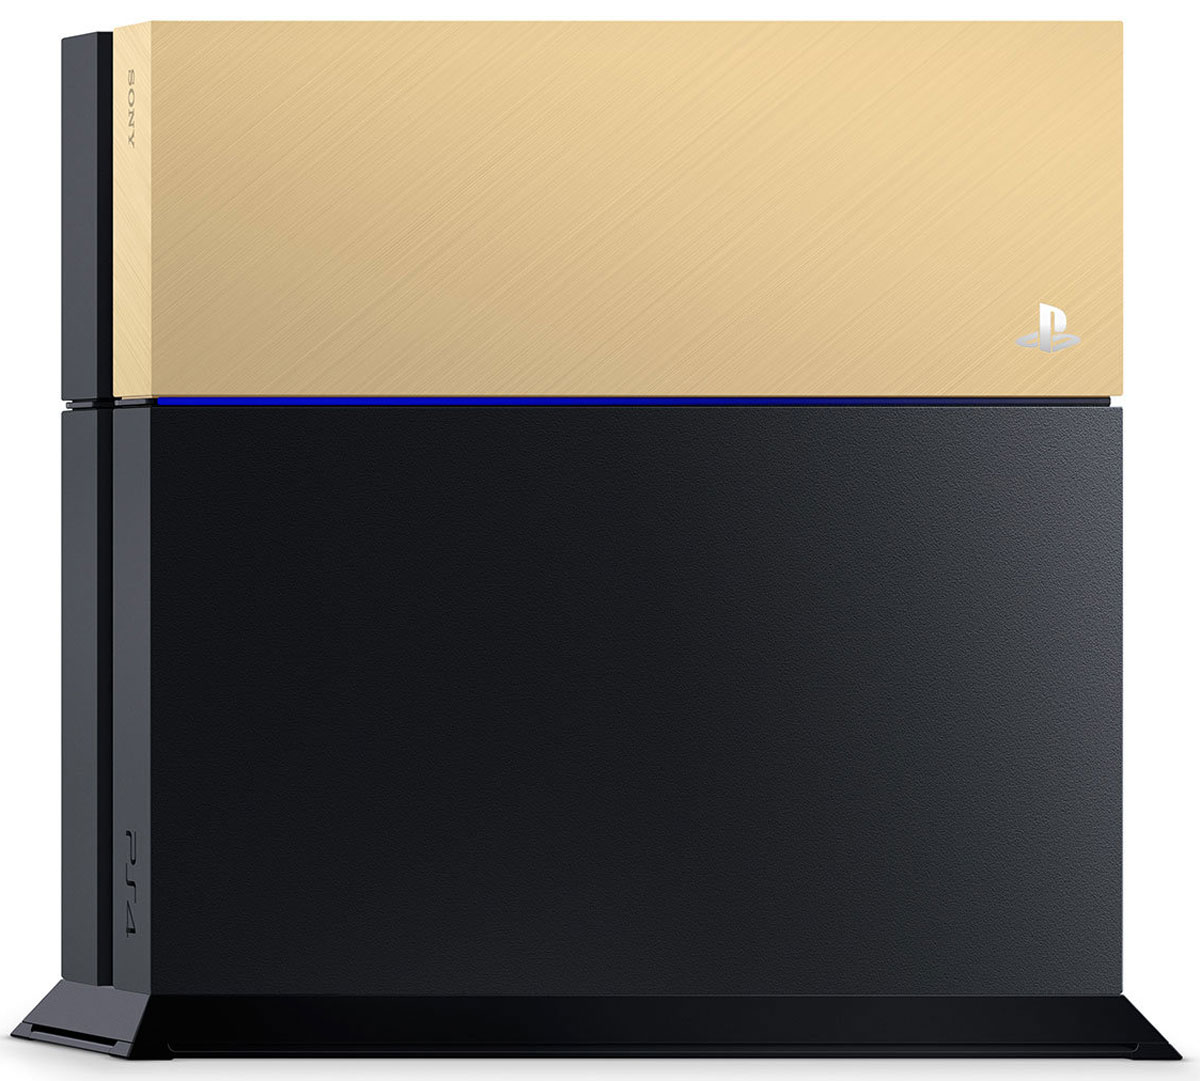 Дополнительная крышка для жесткого диска PS4 (золотая) - Аксессуары